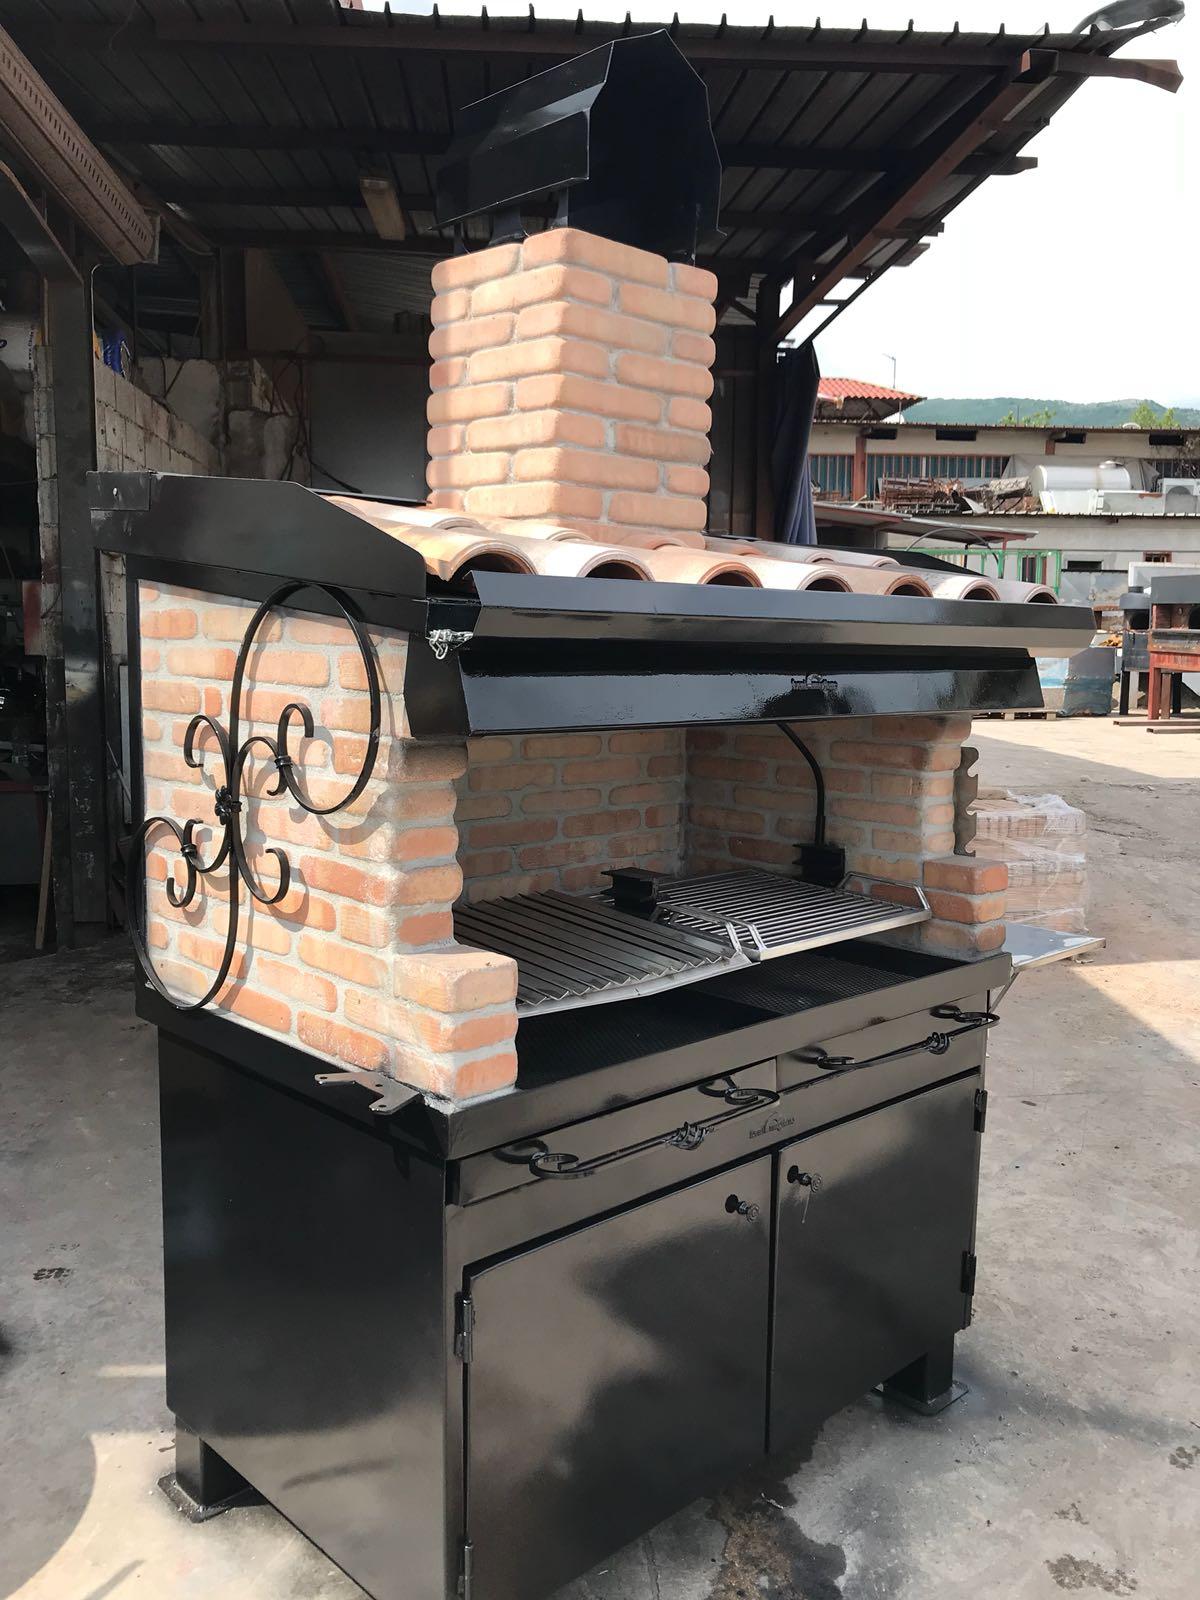 Barbecue baglioni forni magliano srl for Forni magliano srl